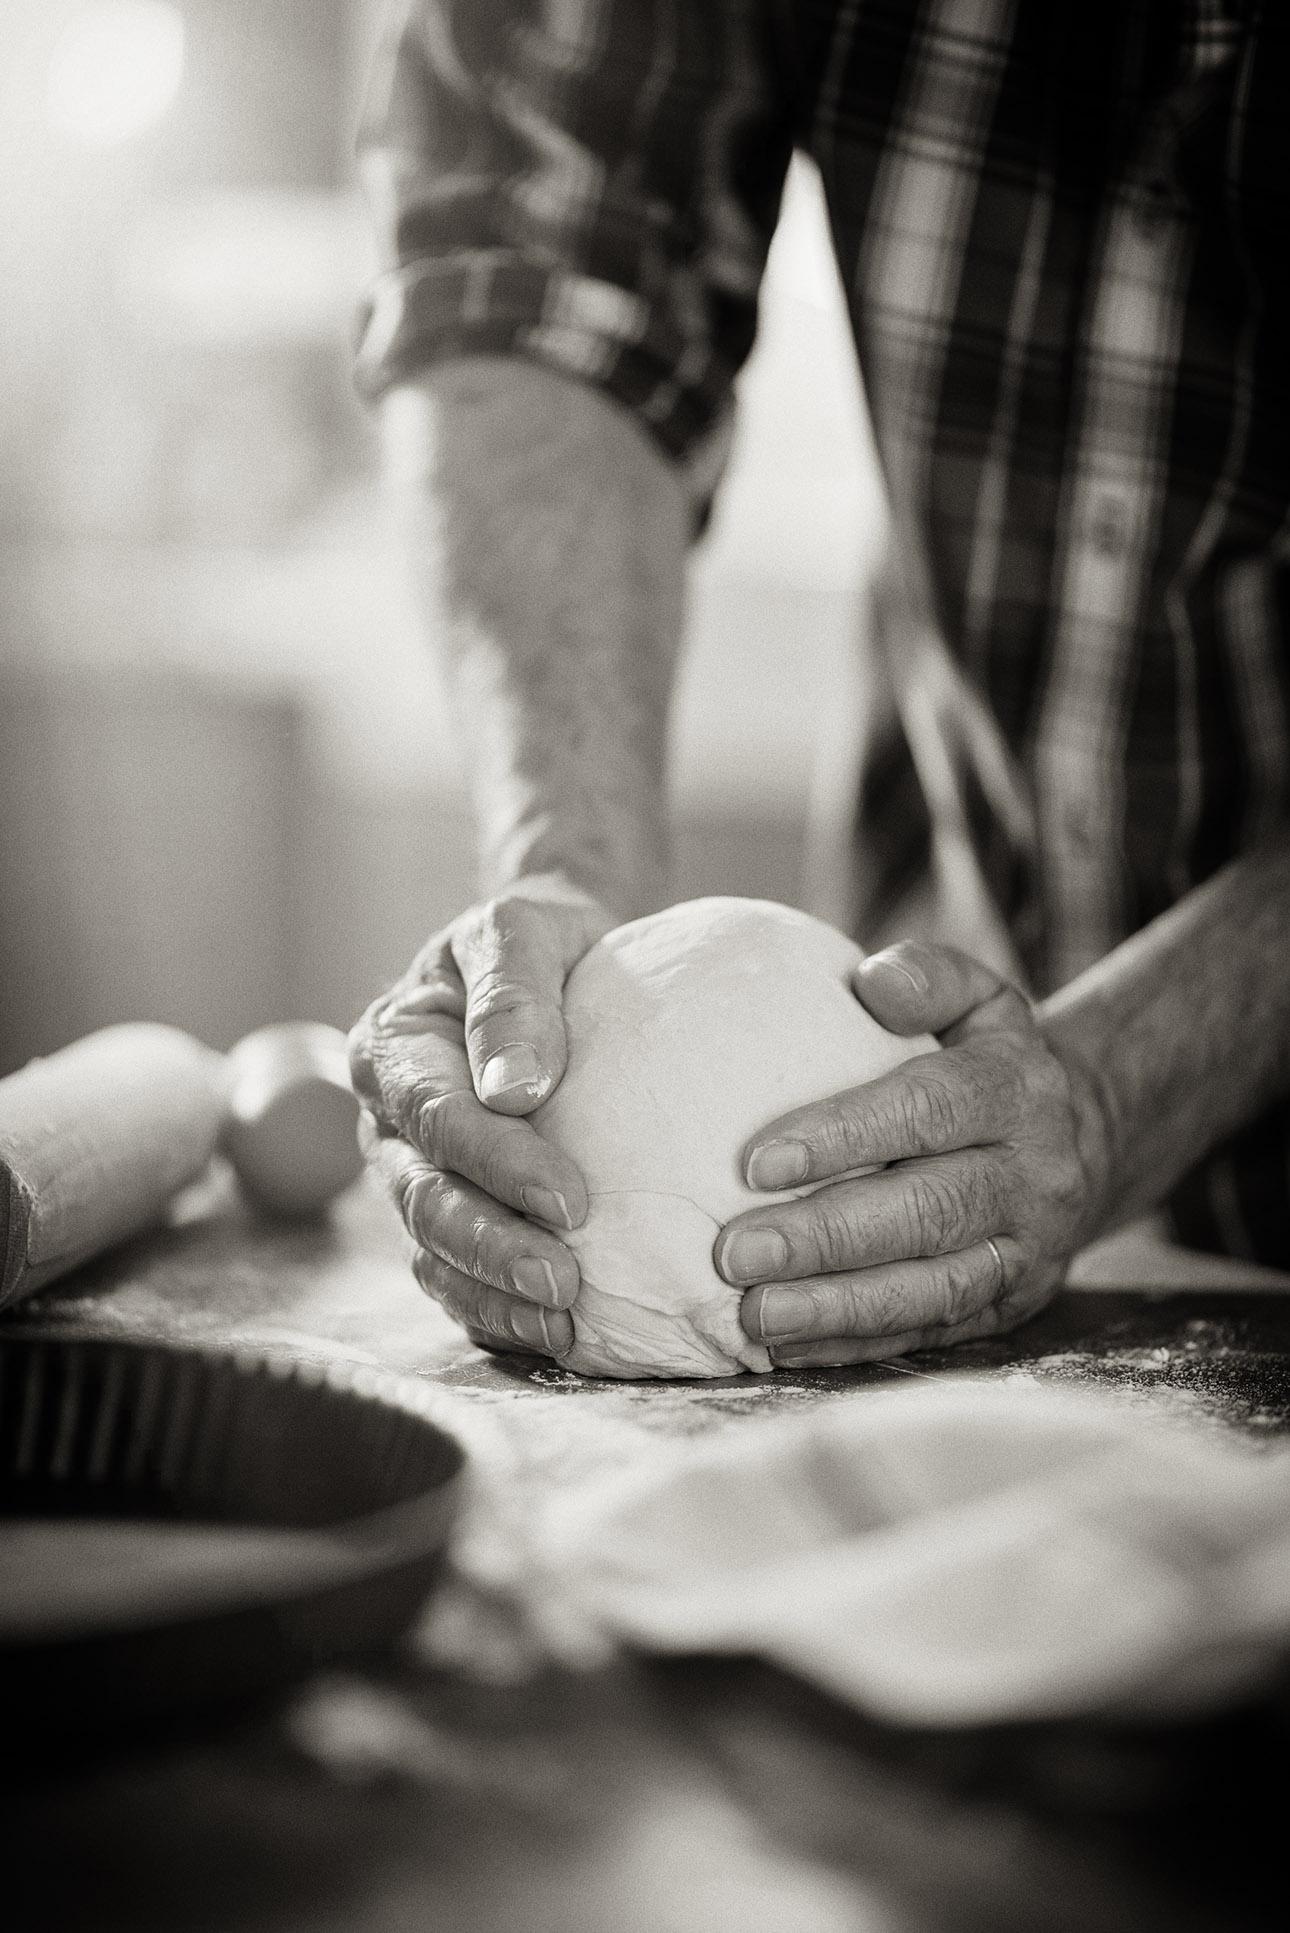 photo de métiers, mains d'un boulanger au travail